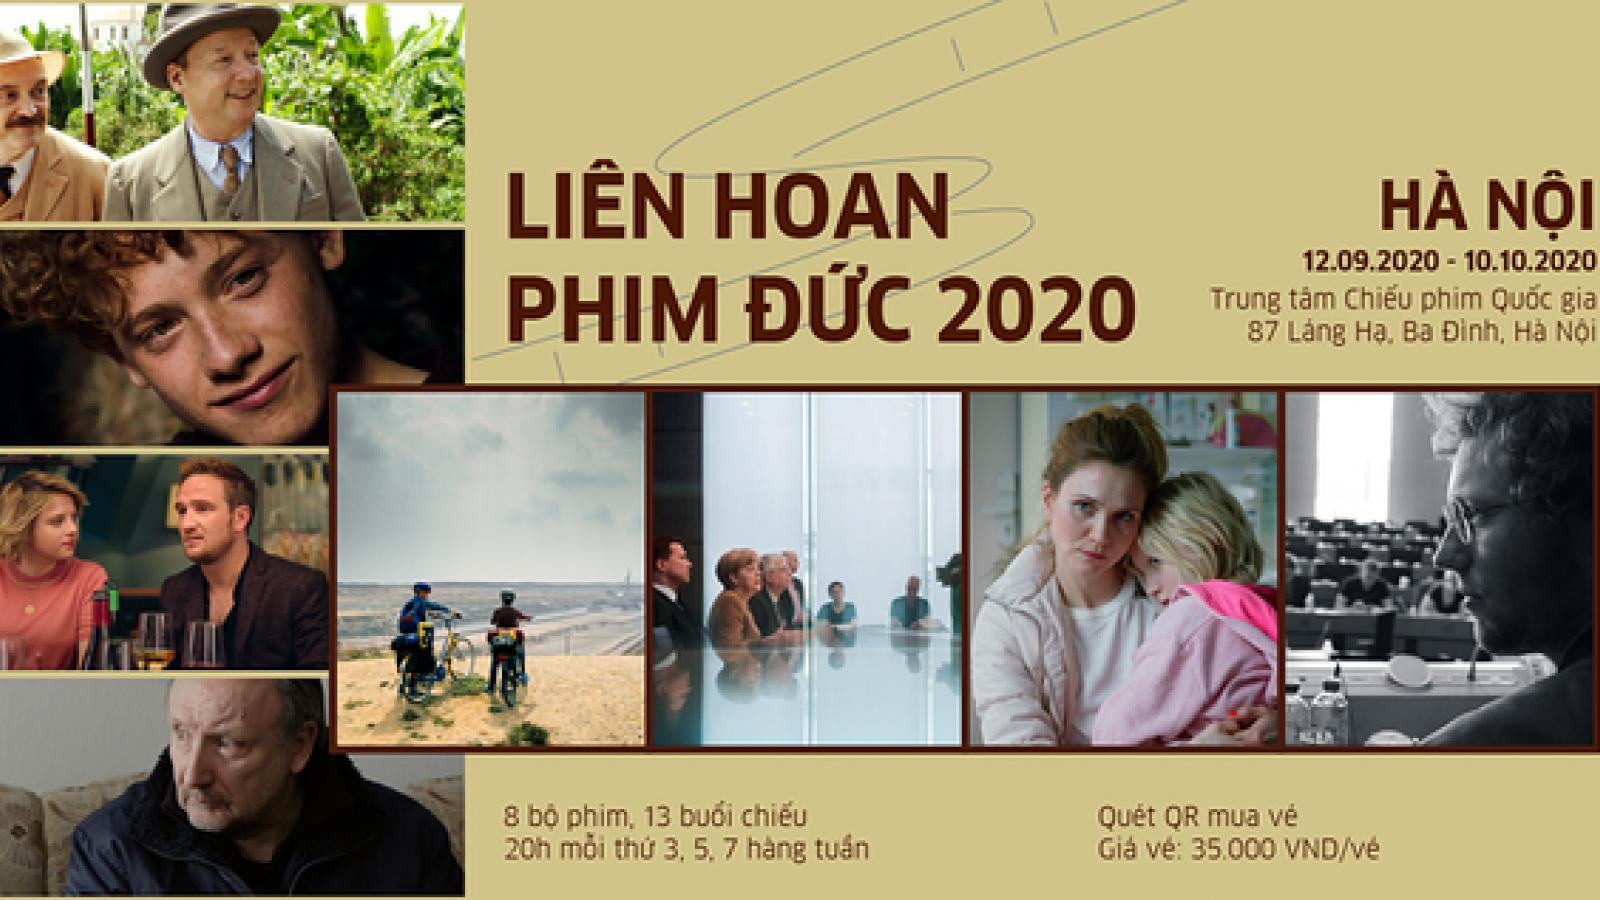 Liên hoan phim Đức 2020 tại Việt Nam